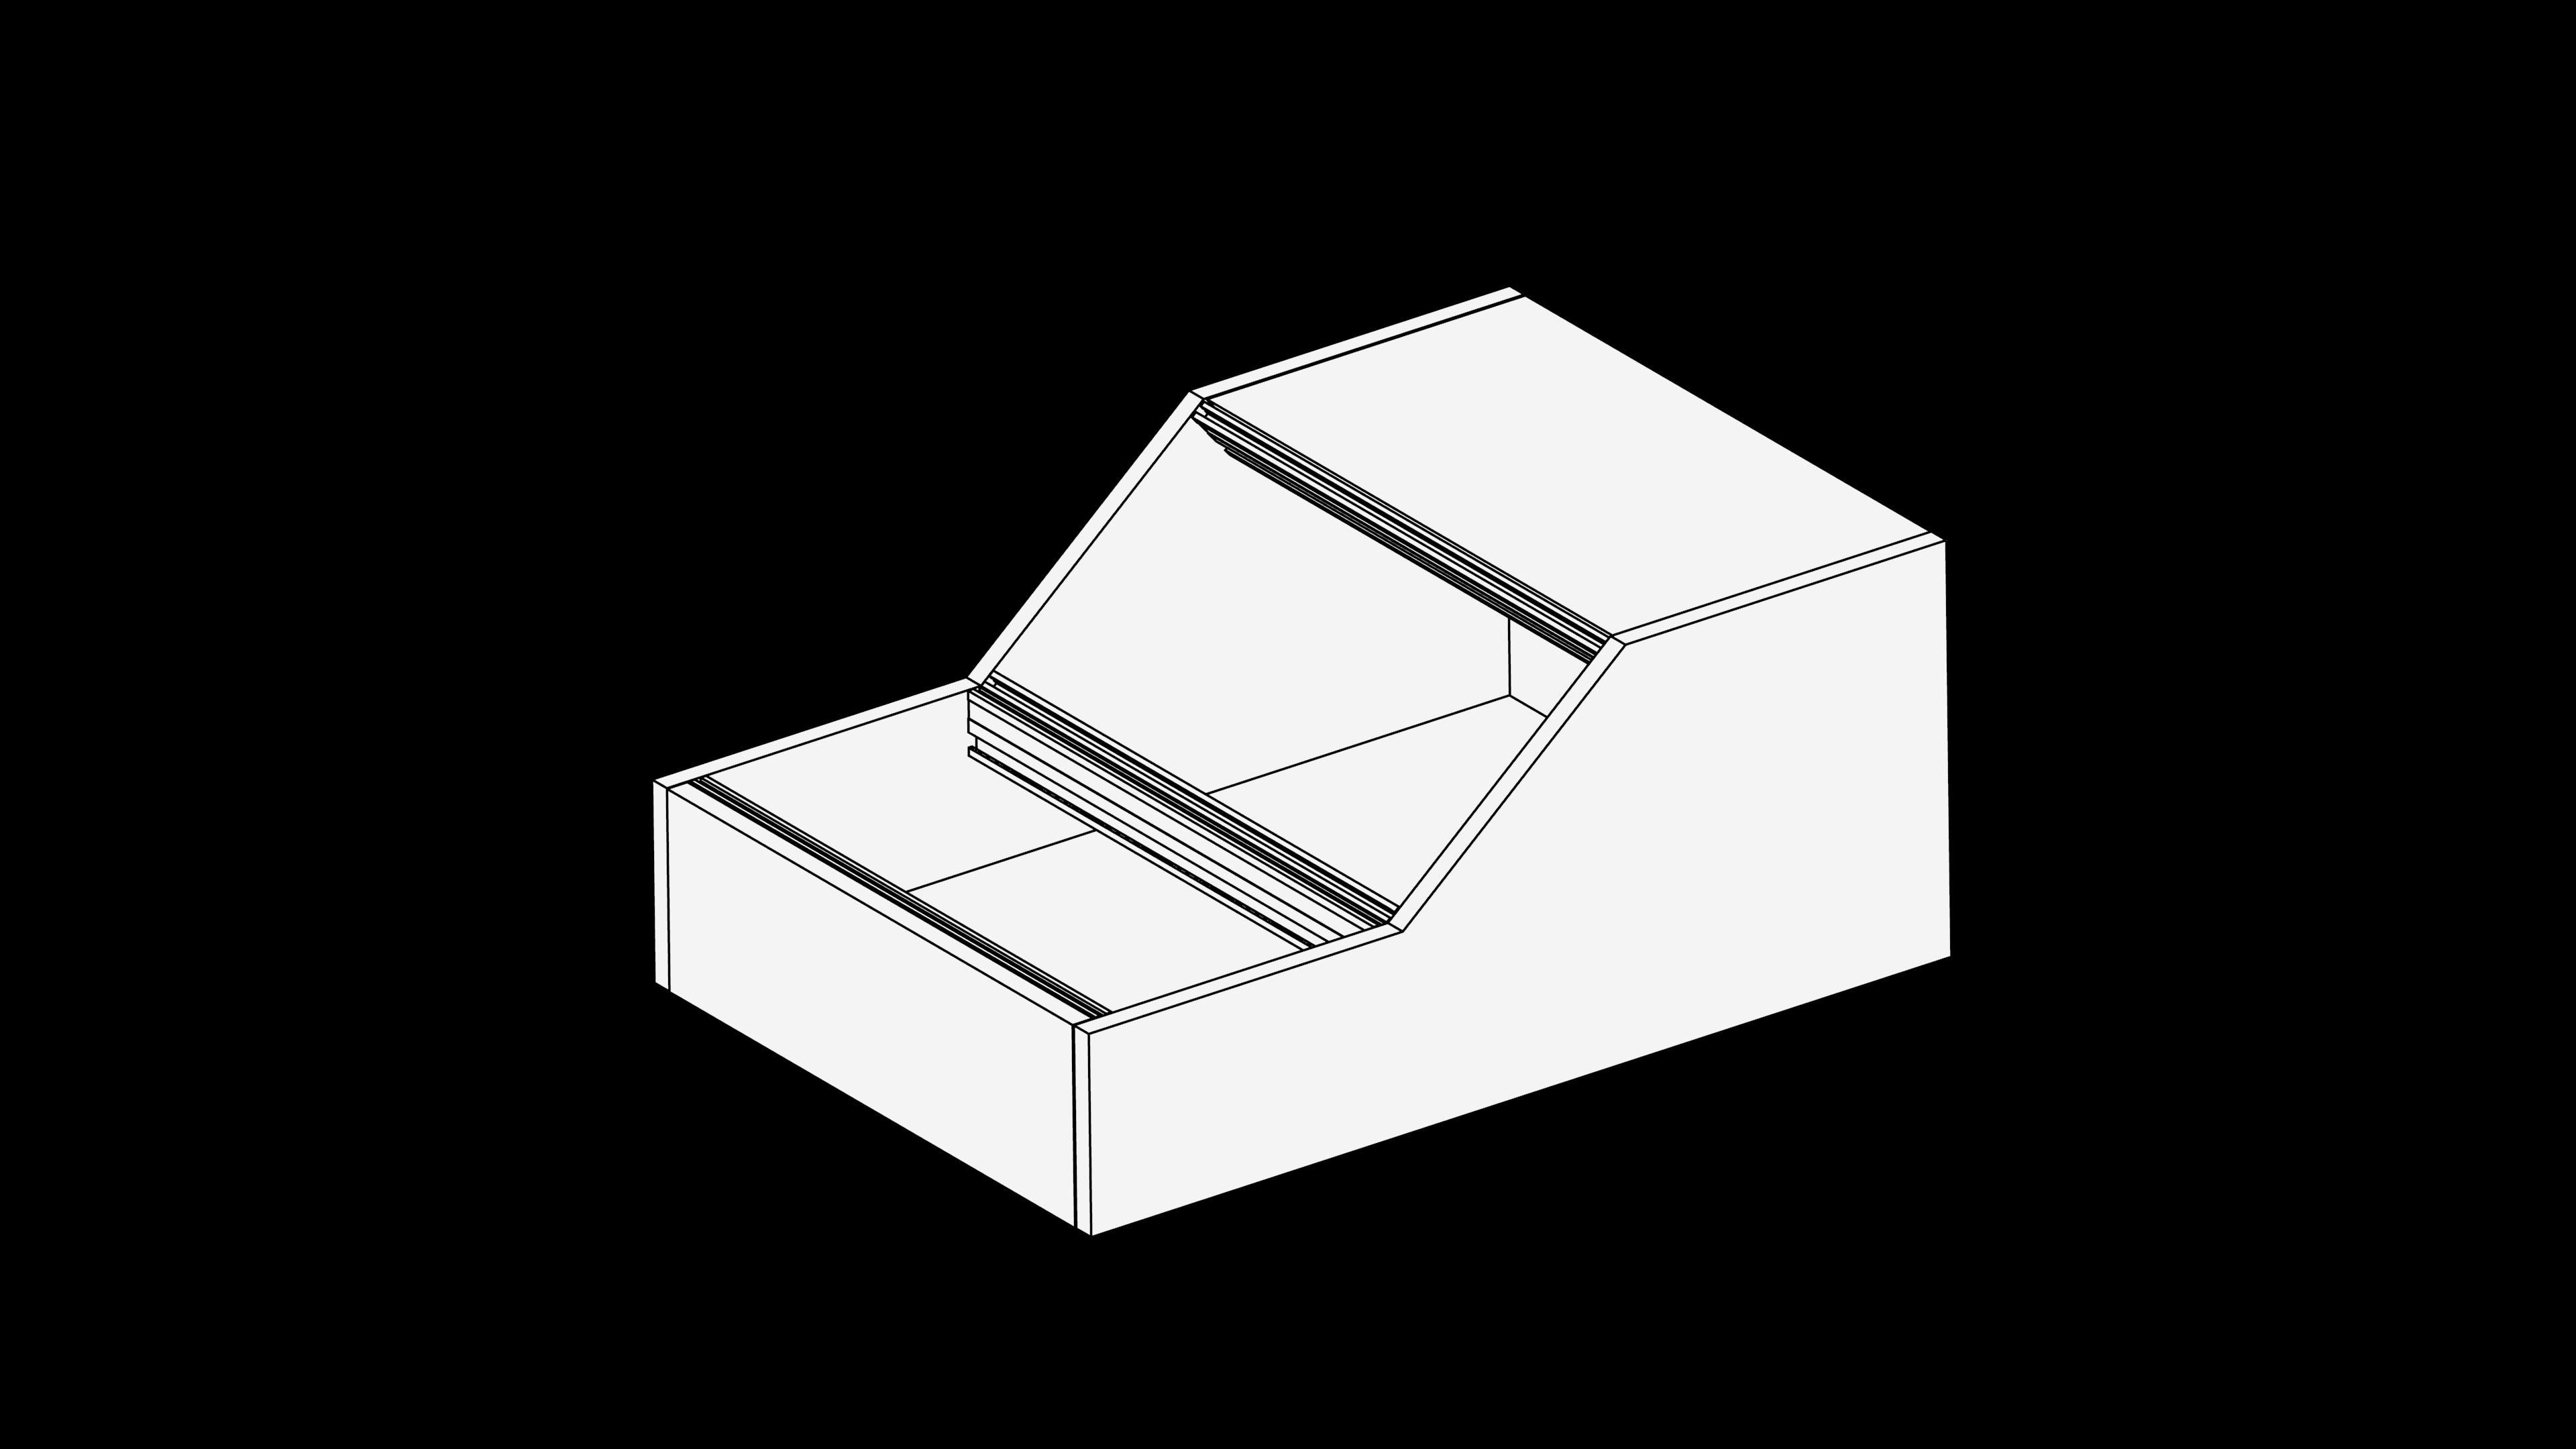 minicase/blueprints/minicase.png